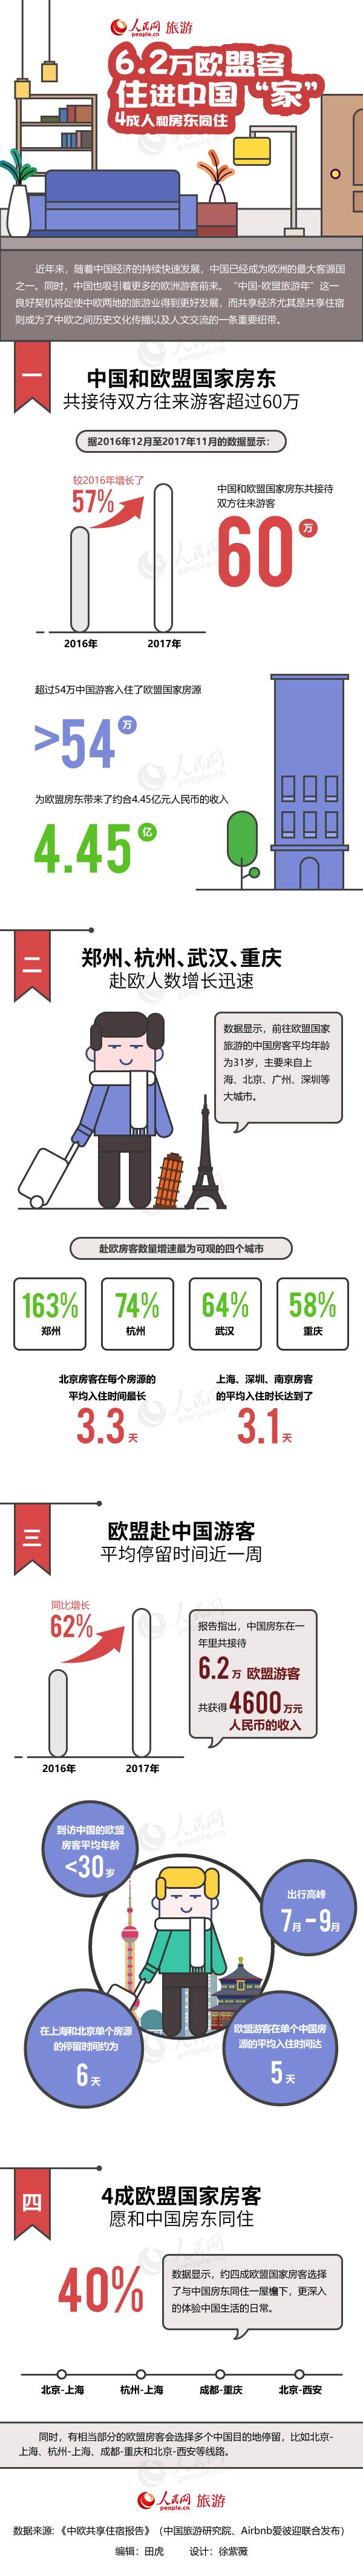 """第49期图解:6.2万欧盟客住进中国""""家"""" 4成人和房东同住近年来,随着中国经济的持续快速发展,中国已经成为欧洲的最大客源国之一。同时,中国也吸引着更多的欧洲游客前来。""""中国-欧盟旅游年""""这一良好契机将促使中欧两地的旅游业得到更好发展,而共享经济尤其是共享住宿则成为了中欧之间历史文化传播以及人文交流的一条重要纽带。"""